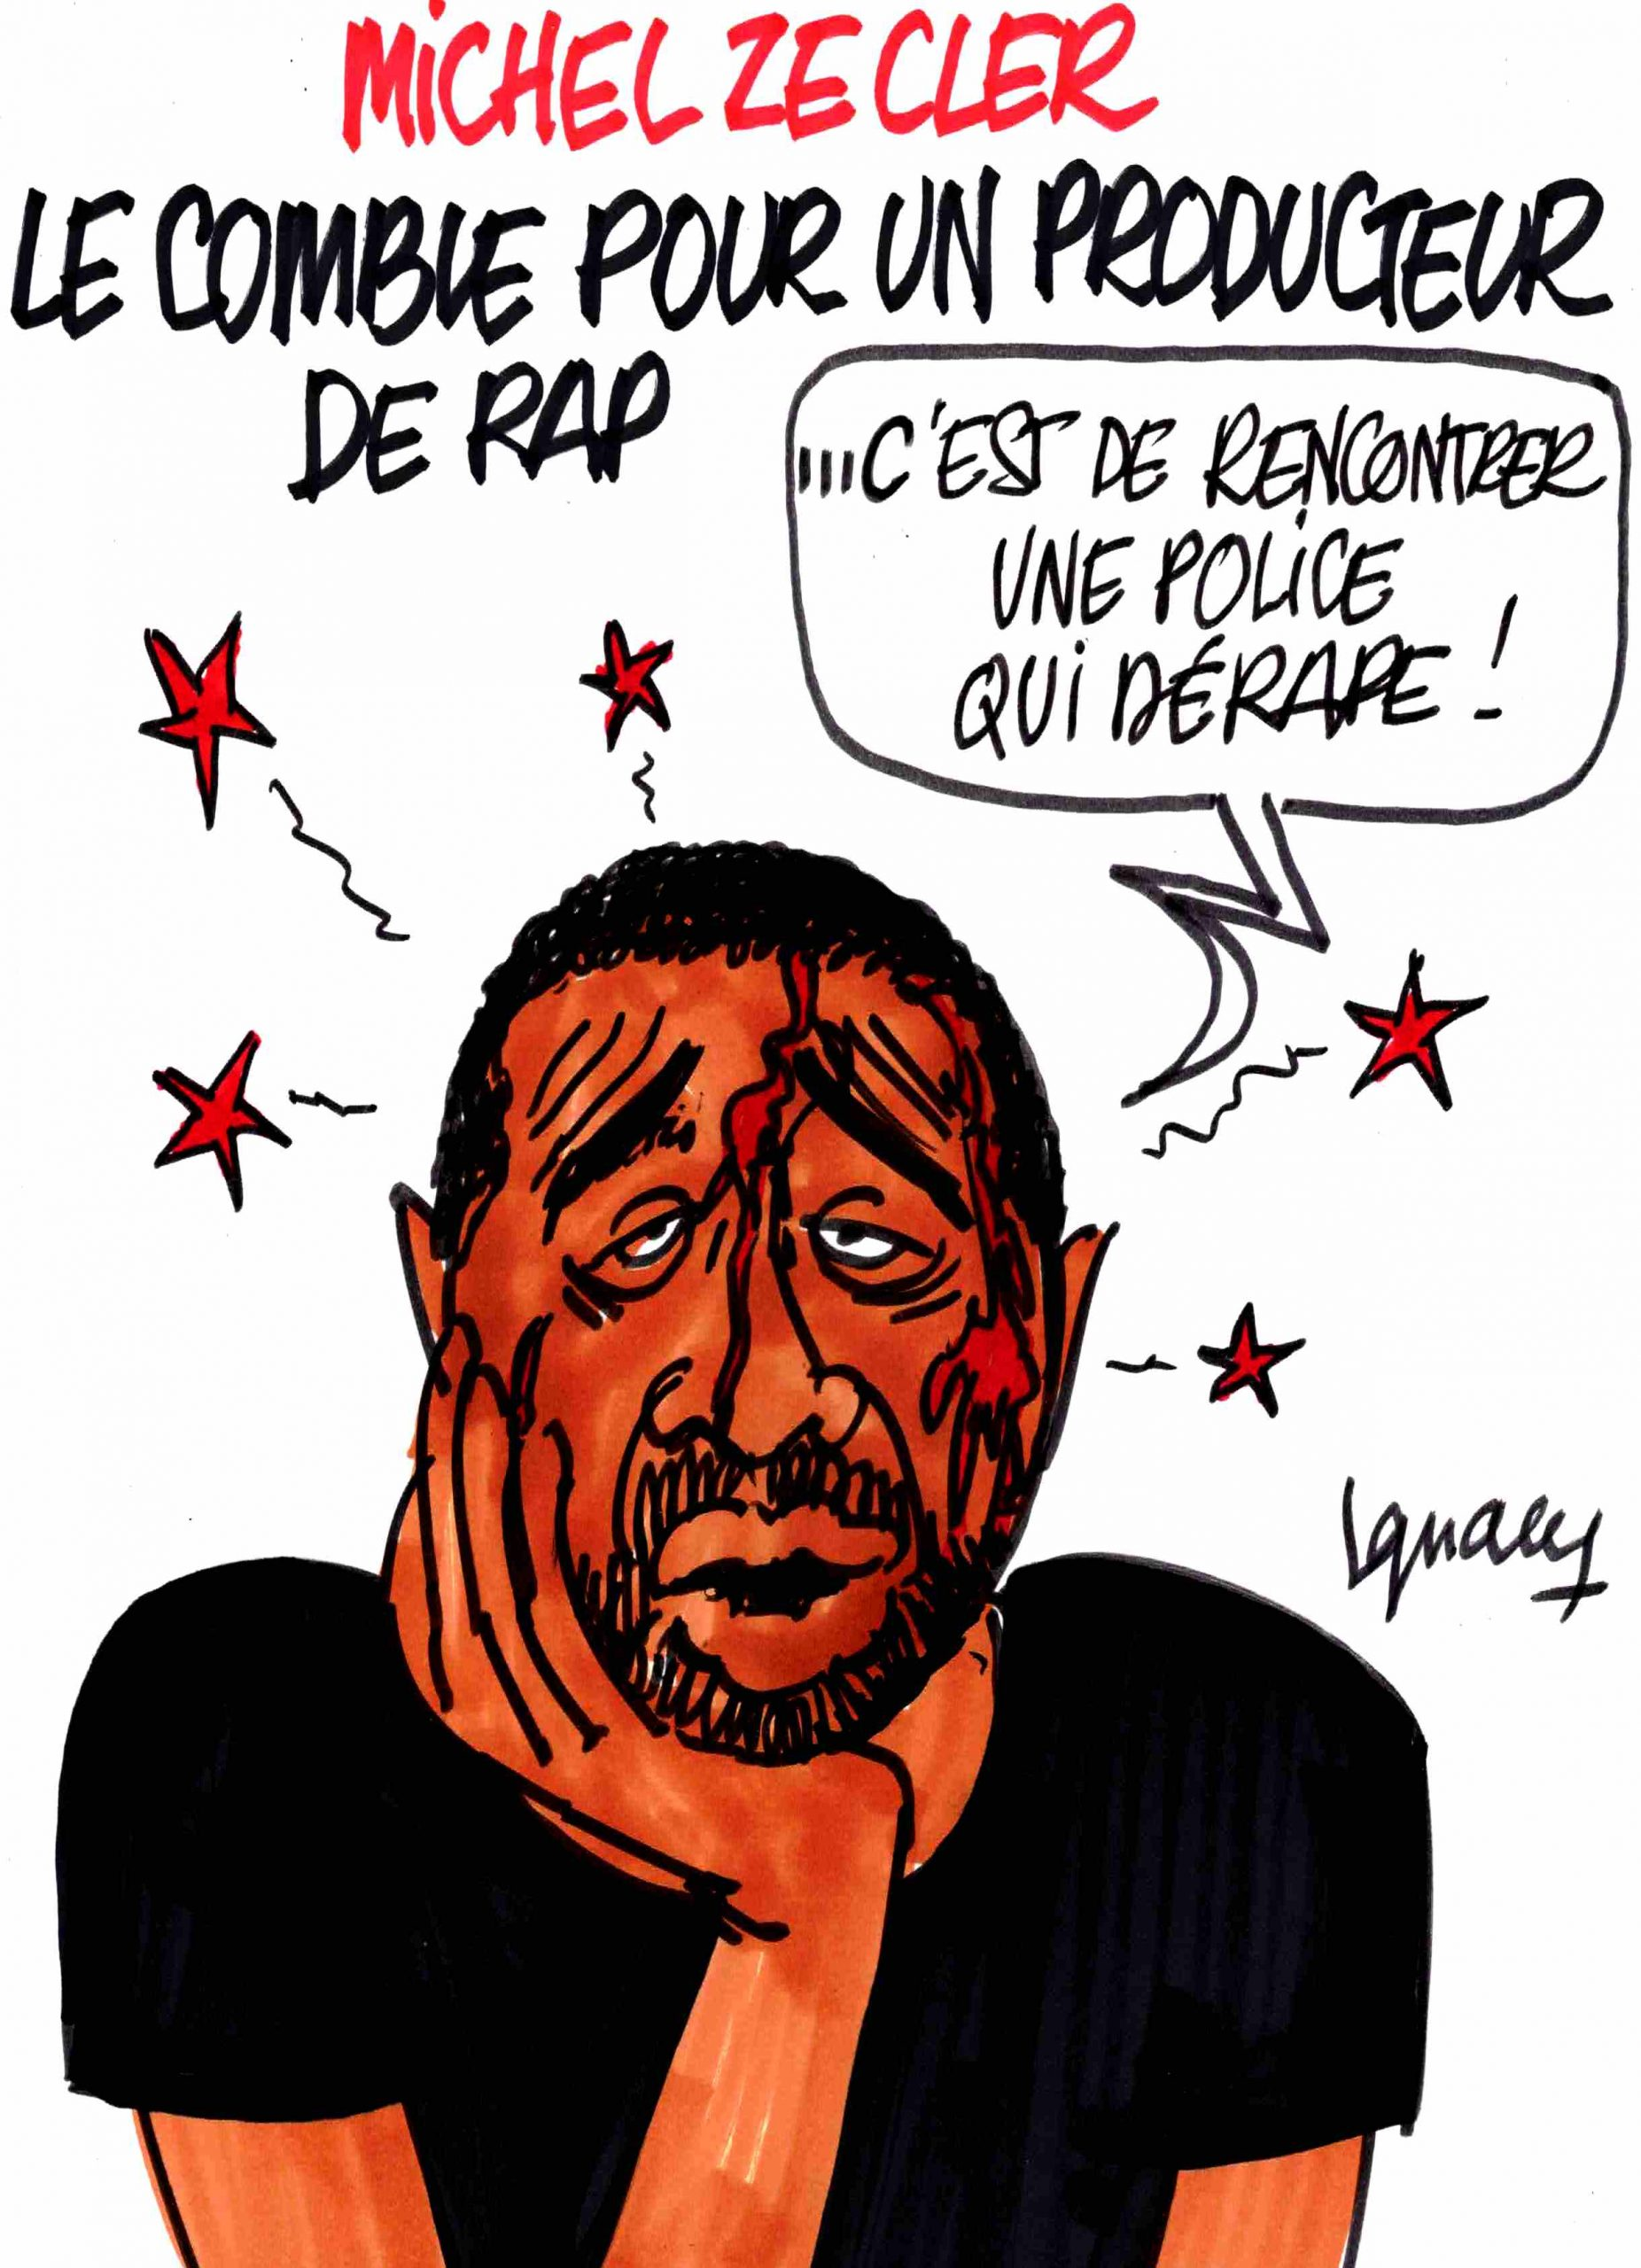 Ignace - Le comble pour Michel Zecler